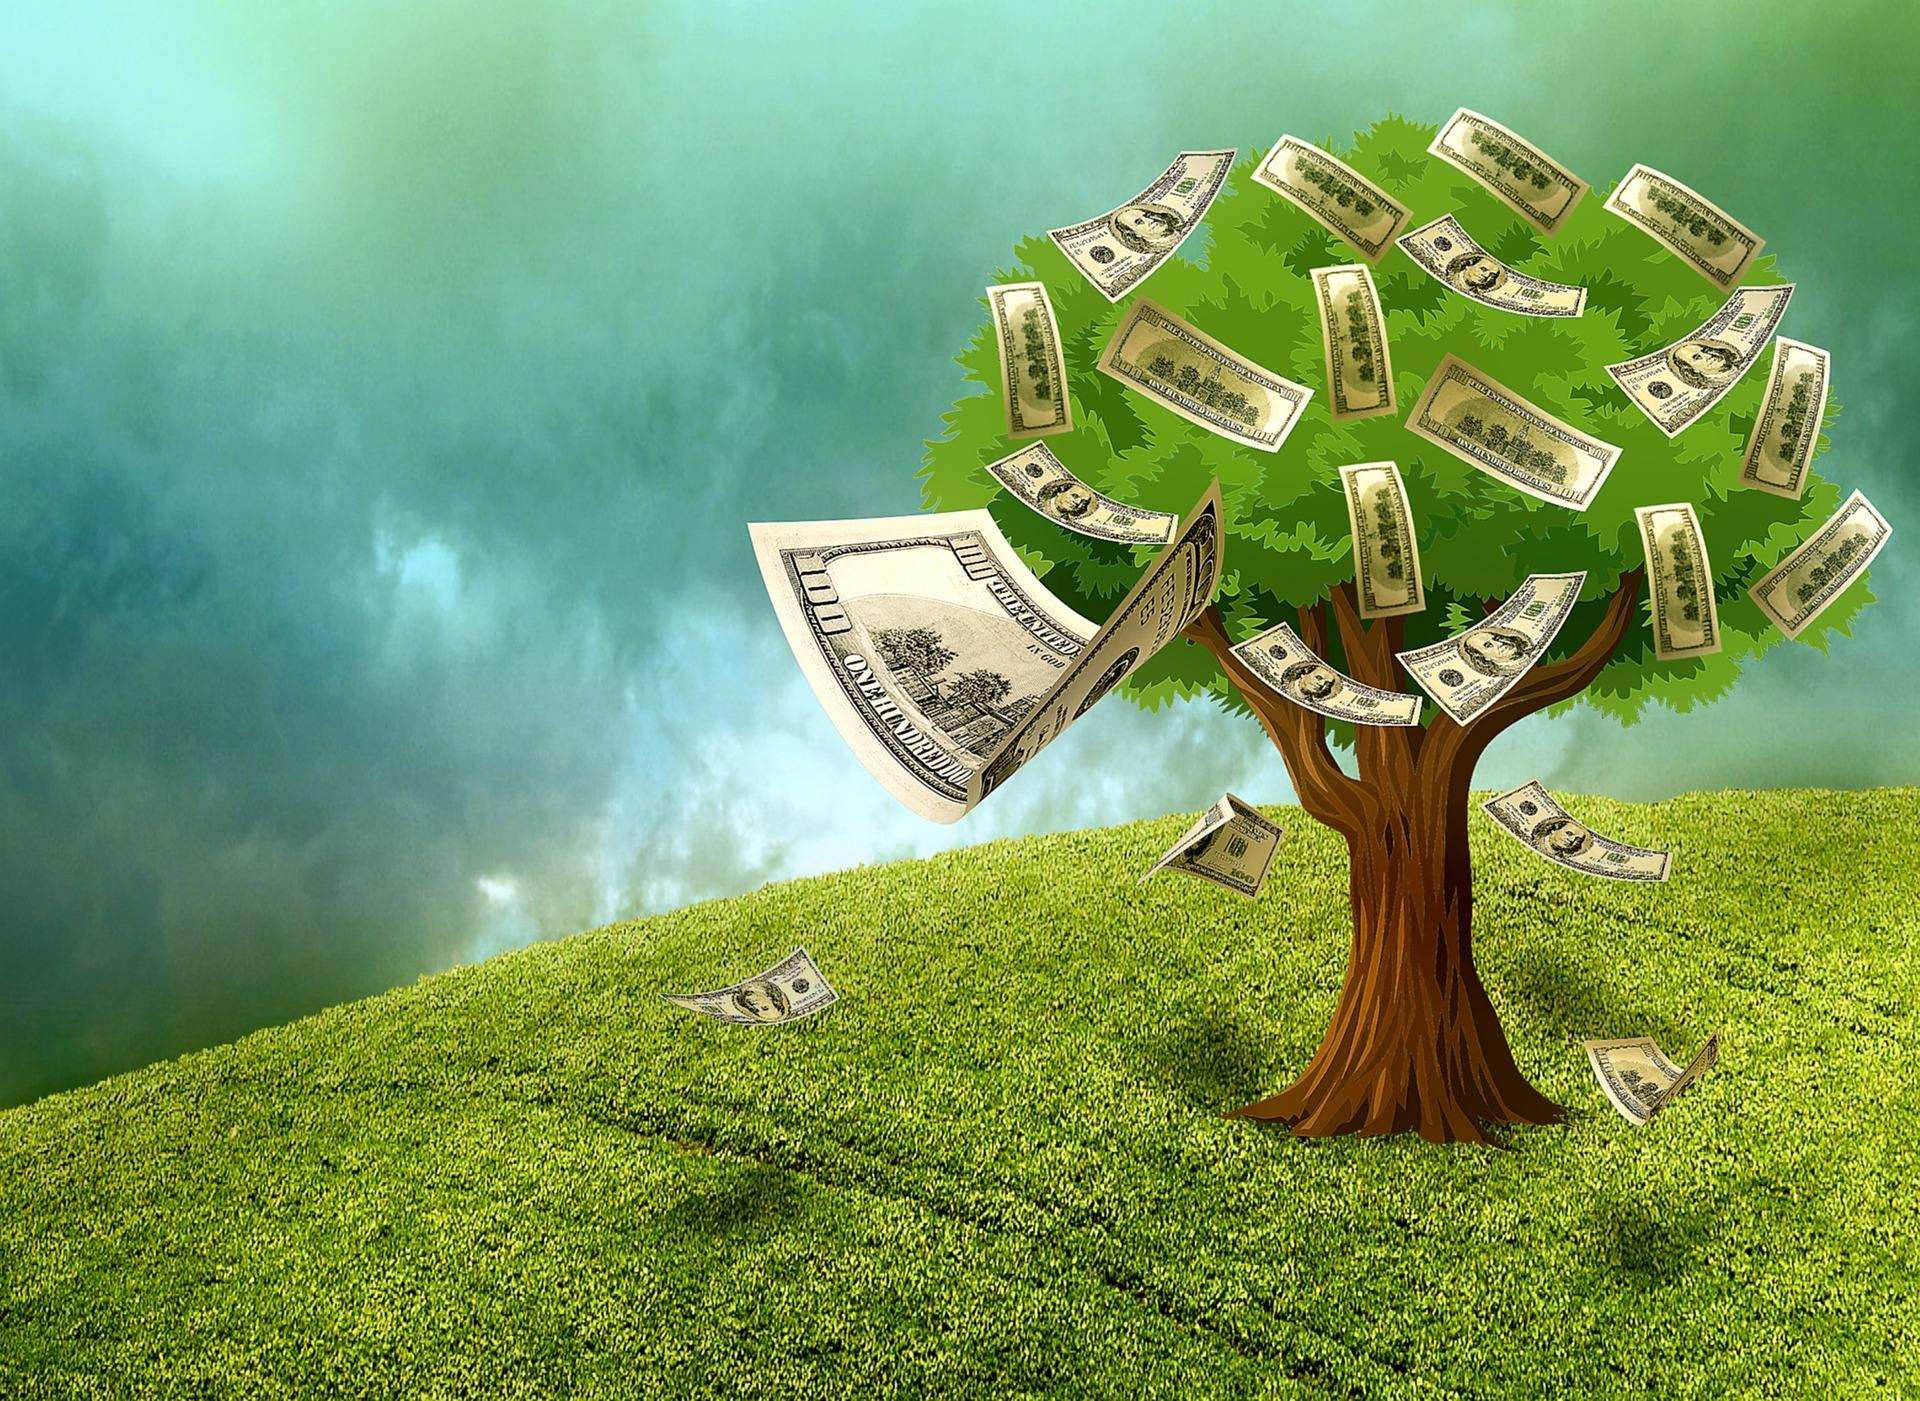 【必読】投資で経済的自由及び精神的自由を獲得しよう